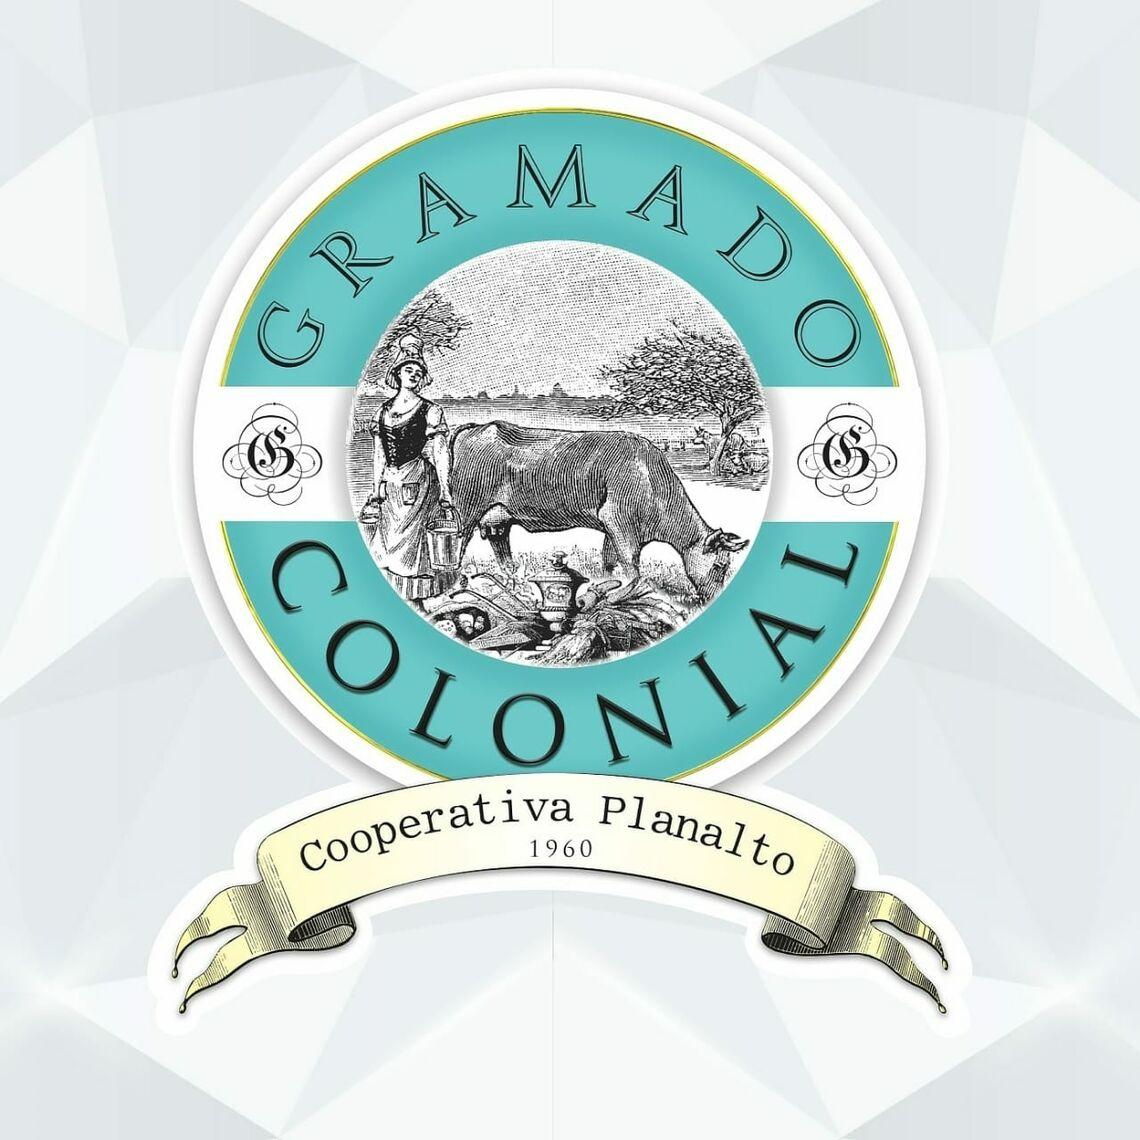 Cooperativa Planalto